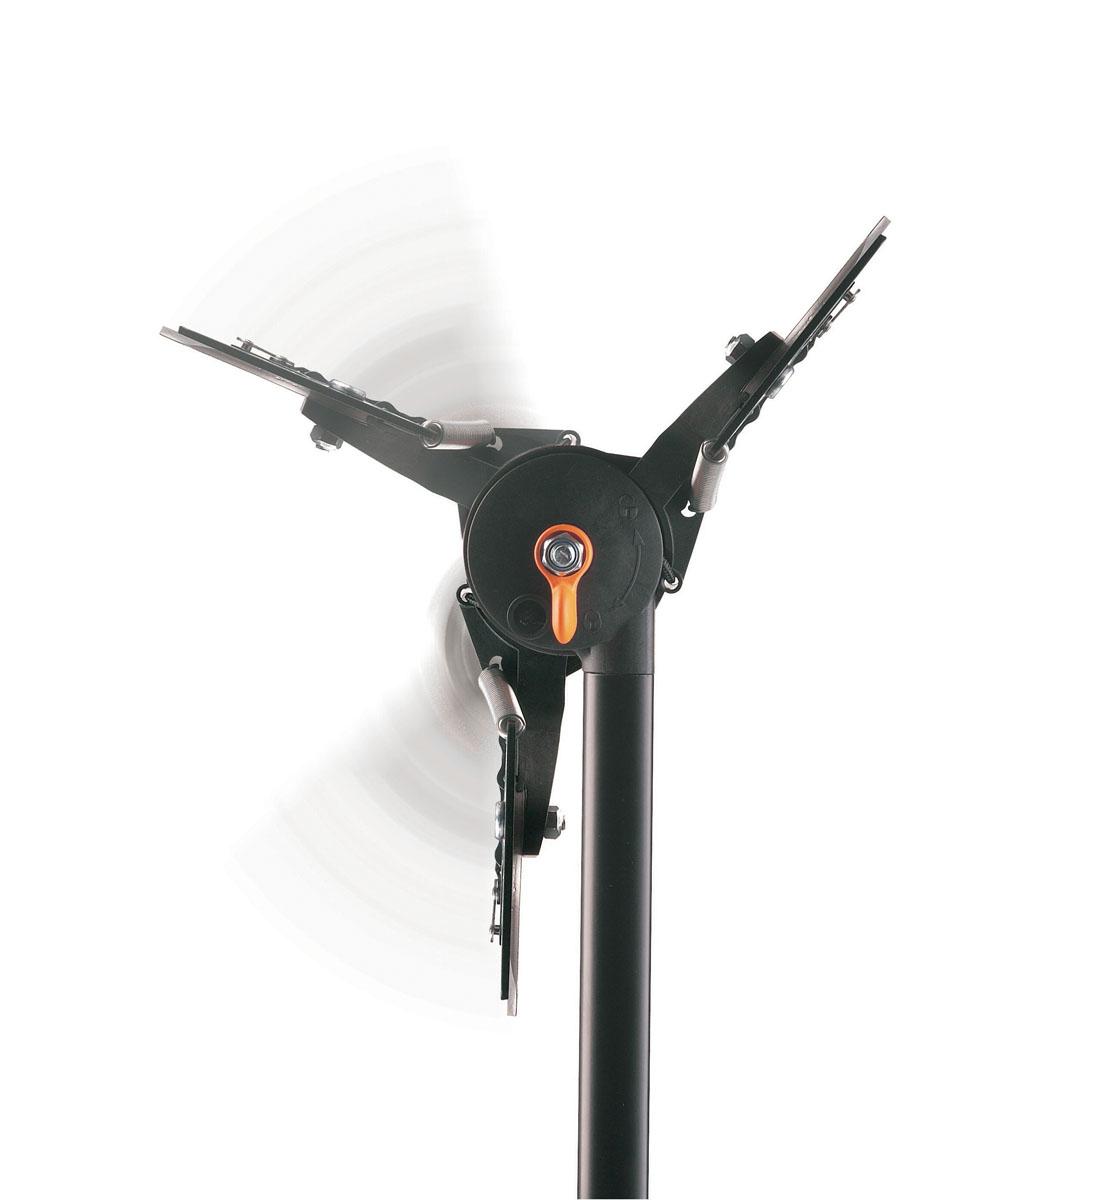 Сучкорез удлиненный Fiskars, вертикальный диапазон 3,5 м, рез 32 ммC0042416Сучкорез Fiskars сконструирован таким образом, чтобы доставать как низко, так и высоко расположенные ветви. С помощью этого инструмента Вы легко обойдетесь без лестницы даже в самых труднодоступных участках. Режущий механизм создает усилие, которого достаточно, чтобы перерезать даже самые жесткие ветви без дополнительных усилий. Для обеспечения максимальной маневренности режущая головка может поворачиваться на 230 градусов, так, чтобы ее положение наилучшим образом подходило для работы.Особенности сучкореза:Вертикальный рабочий диапазон 3,5 метра.Регулируемый угол режущей головки (до 230°).Длинная штанга позволяет осуществлять подрезку в труднодоступных местах с безопасной устойчивой позиции.Эффективный механизм PowerReel облегчает подрезку в 12 раз.Надежный механизм блокировки.Плоскостная техника подрезки для работы с сырой древесиной.